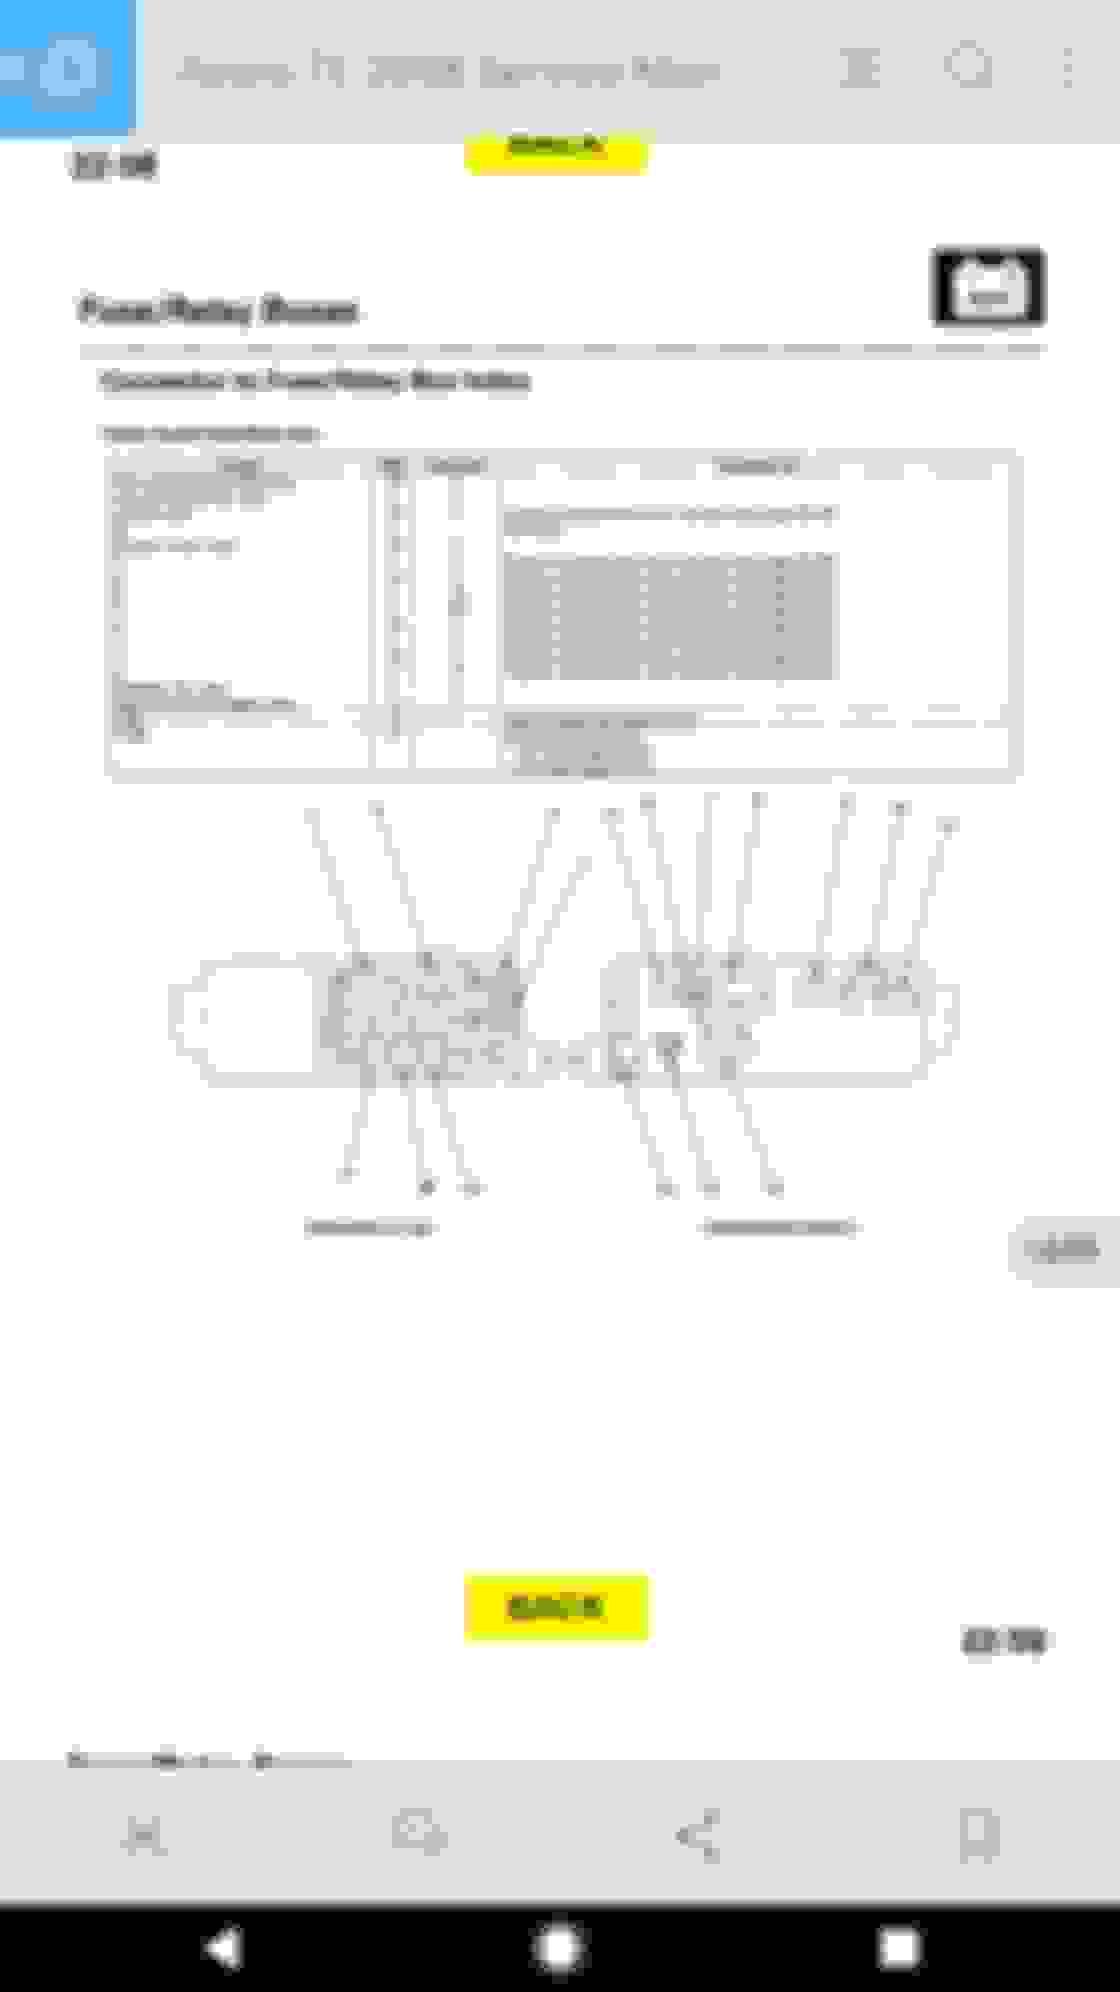 2007 TL  A/C Compressor Problems + Battery Drain - AcuraZine